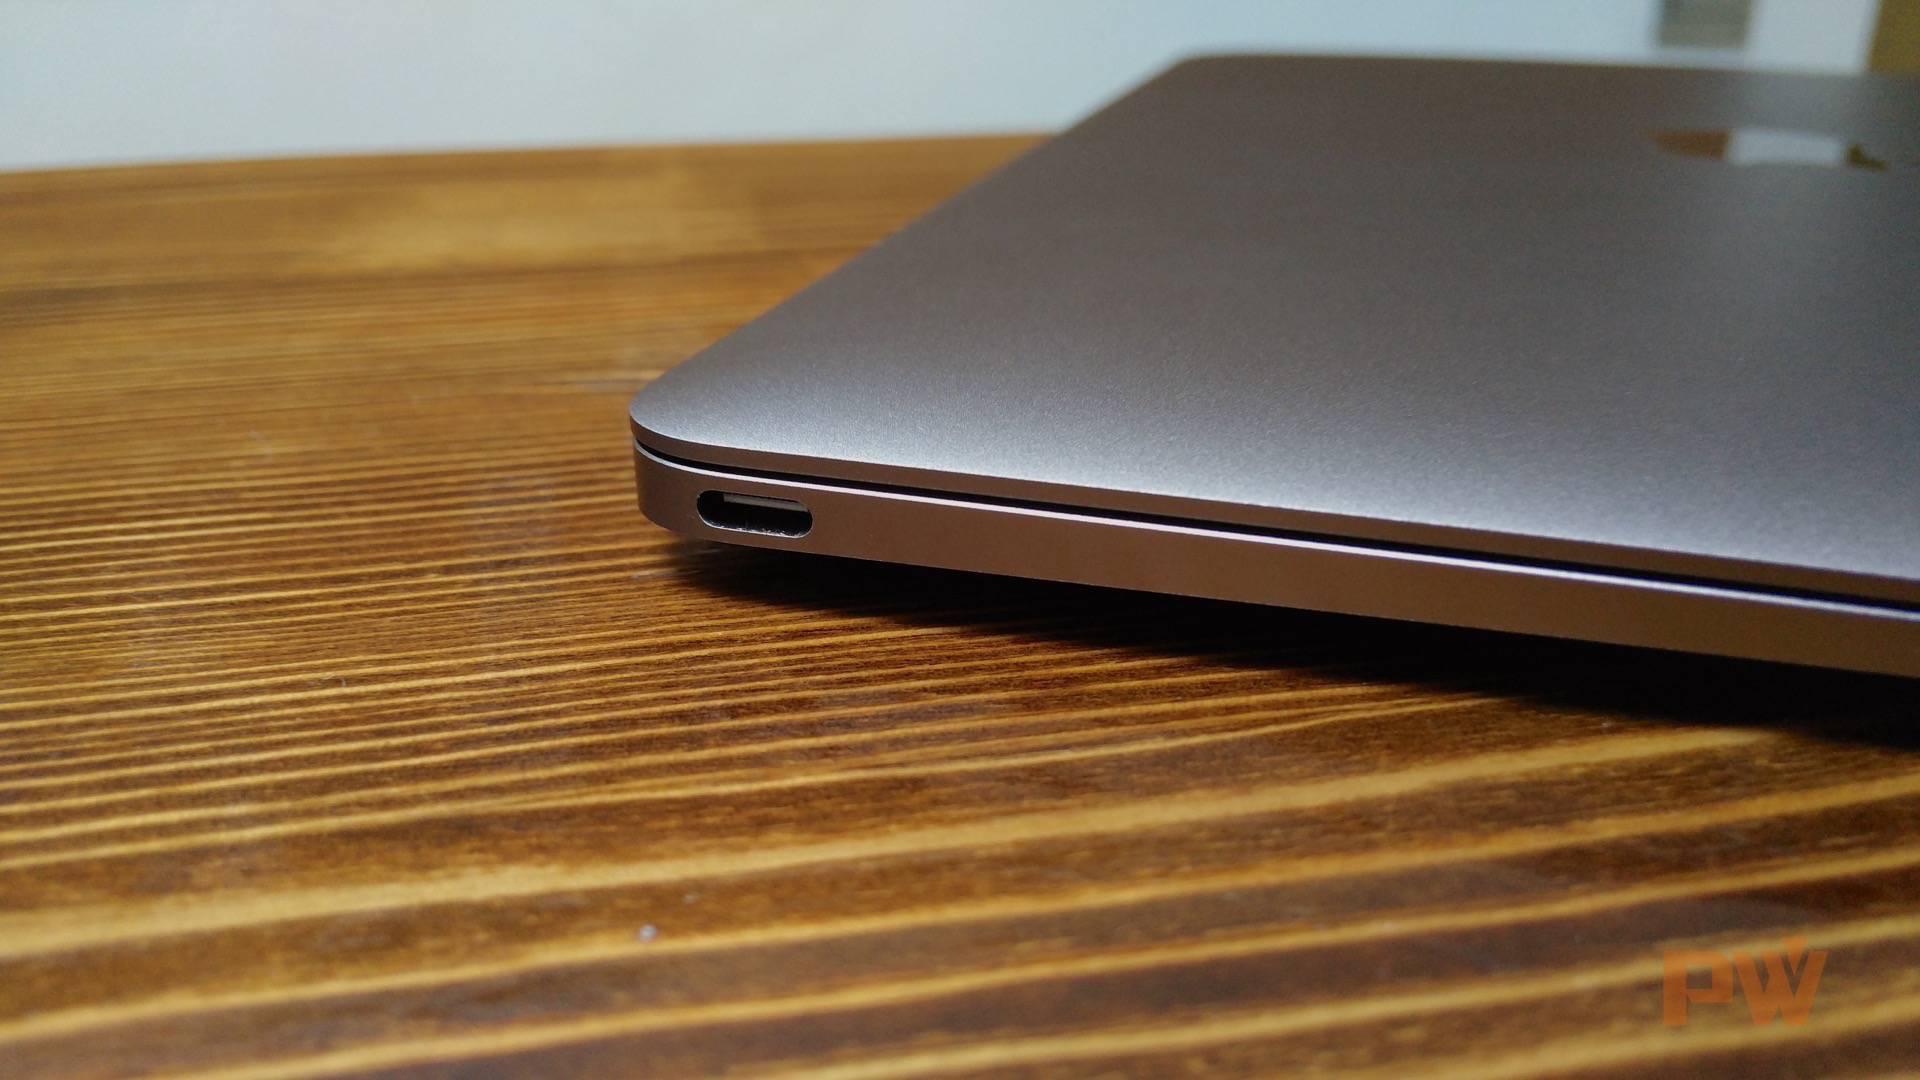 macbook-usb-c-port